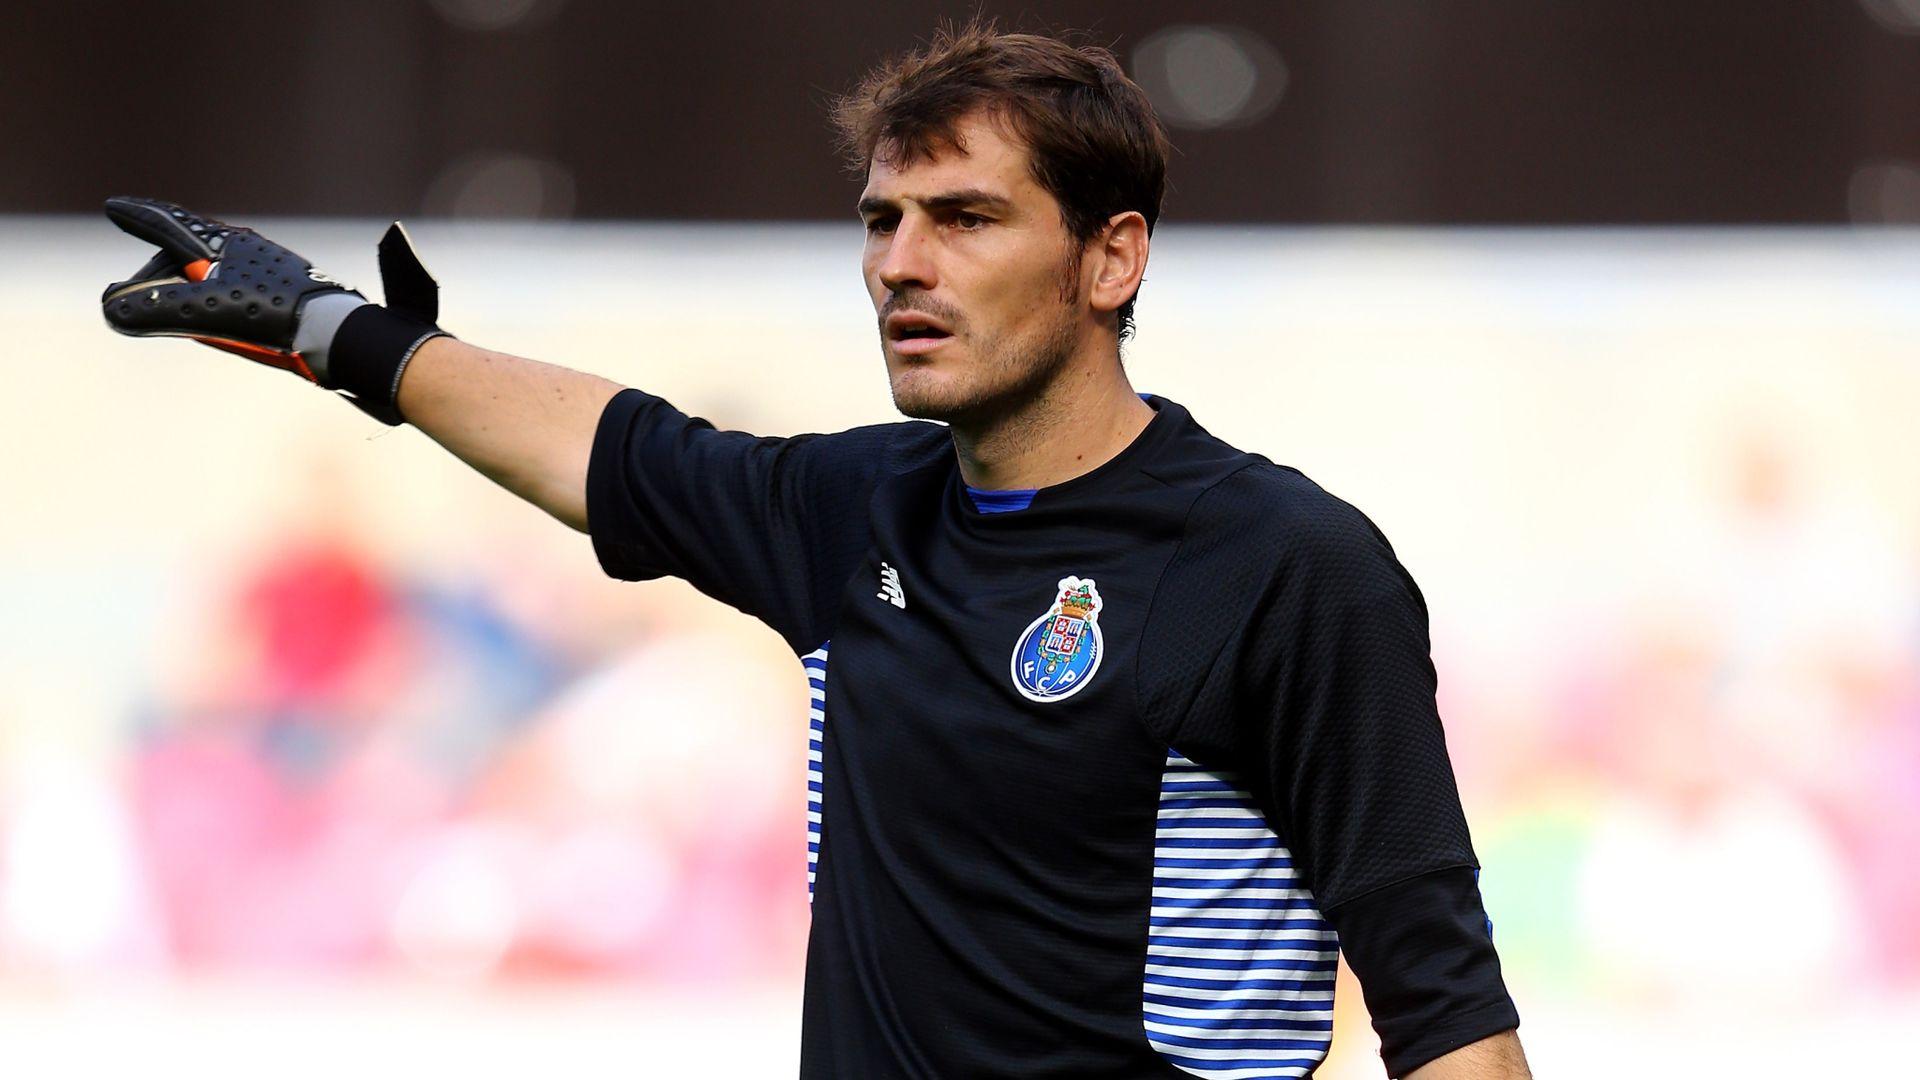 Real and Spain legend Casillas announces retirement